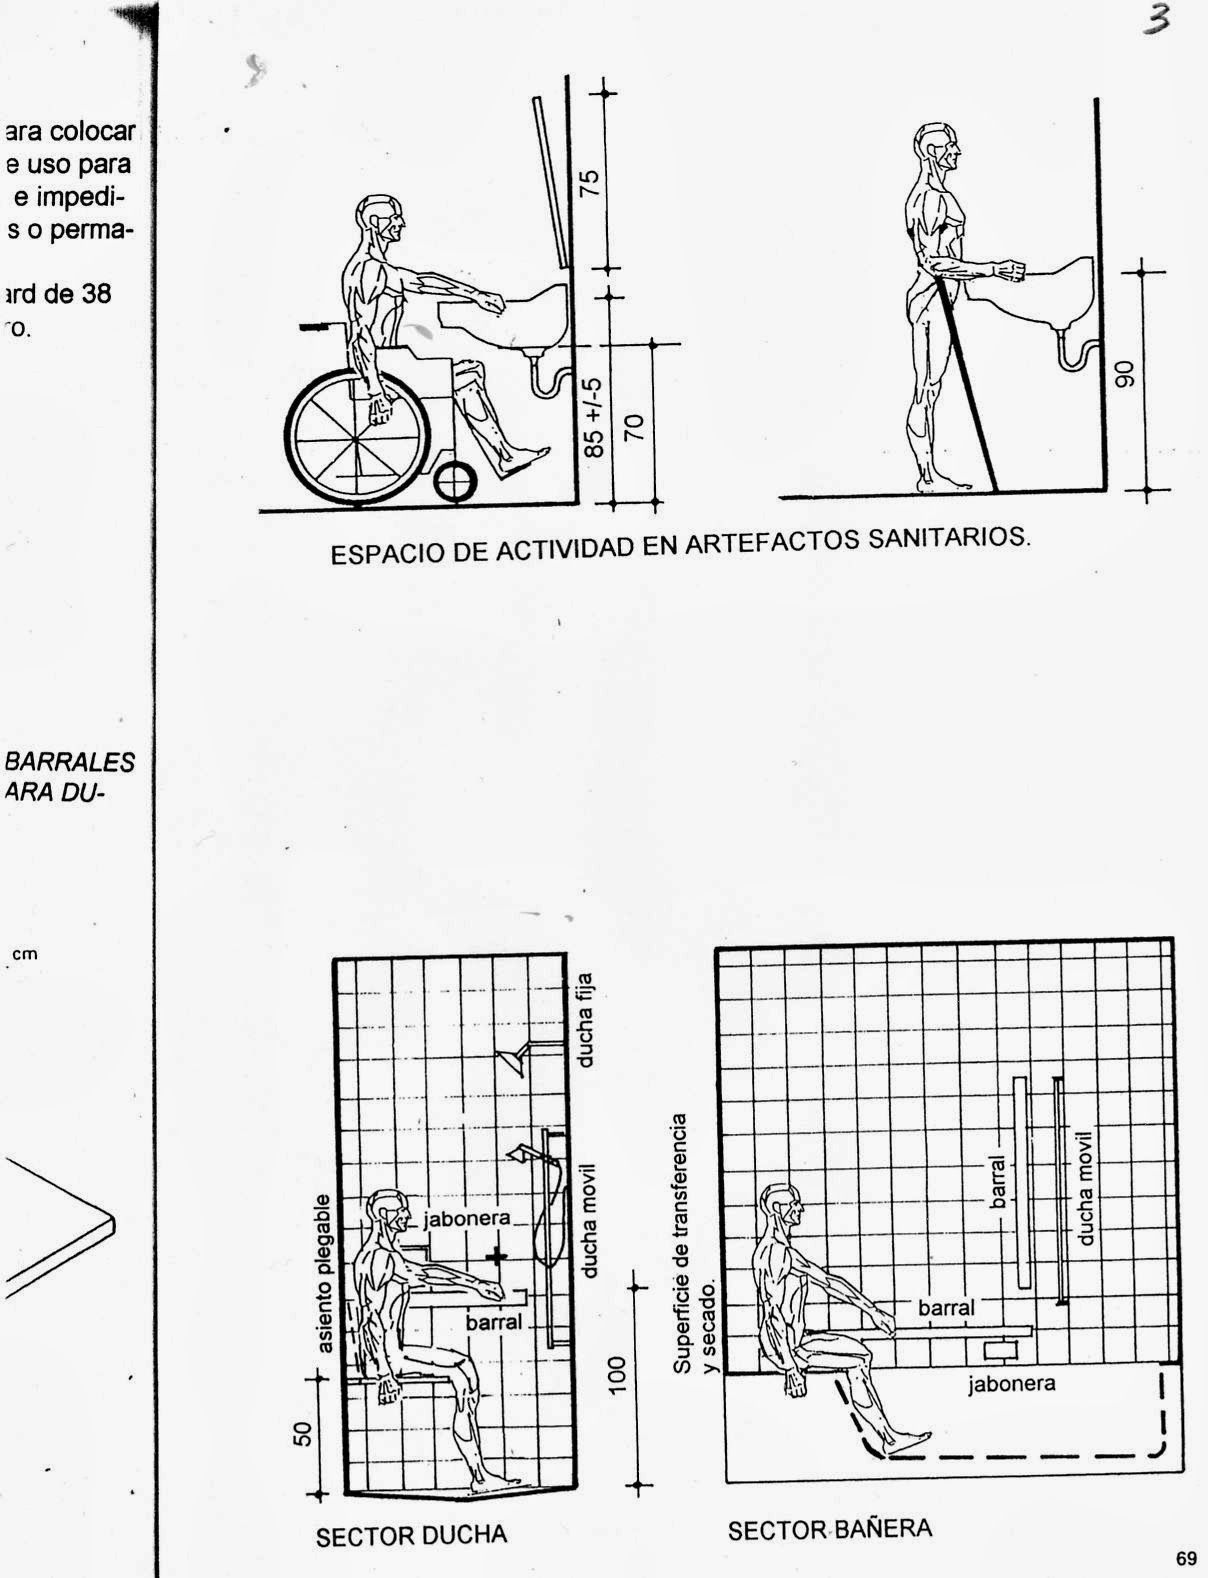 Espacio para discapacitados arquitectura medidas accesibilidad para discapacitados ba o - Puerta para discapacitados medidas ...